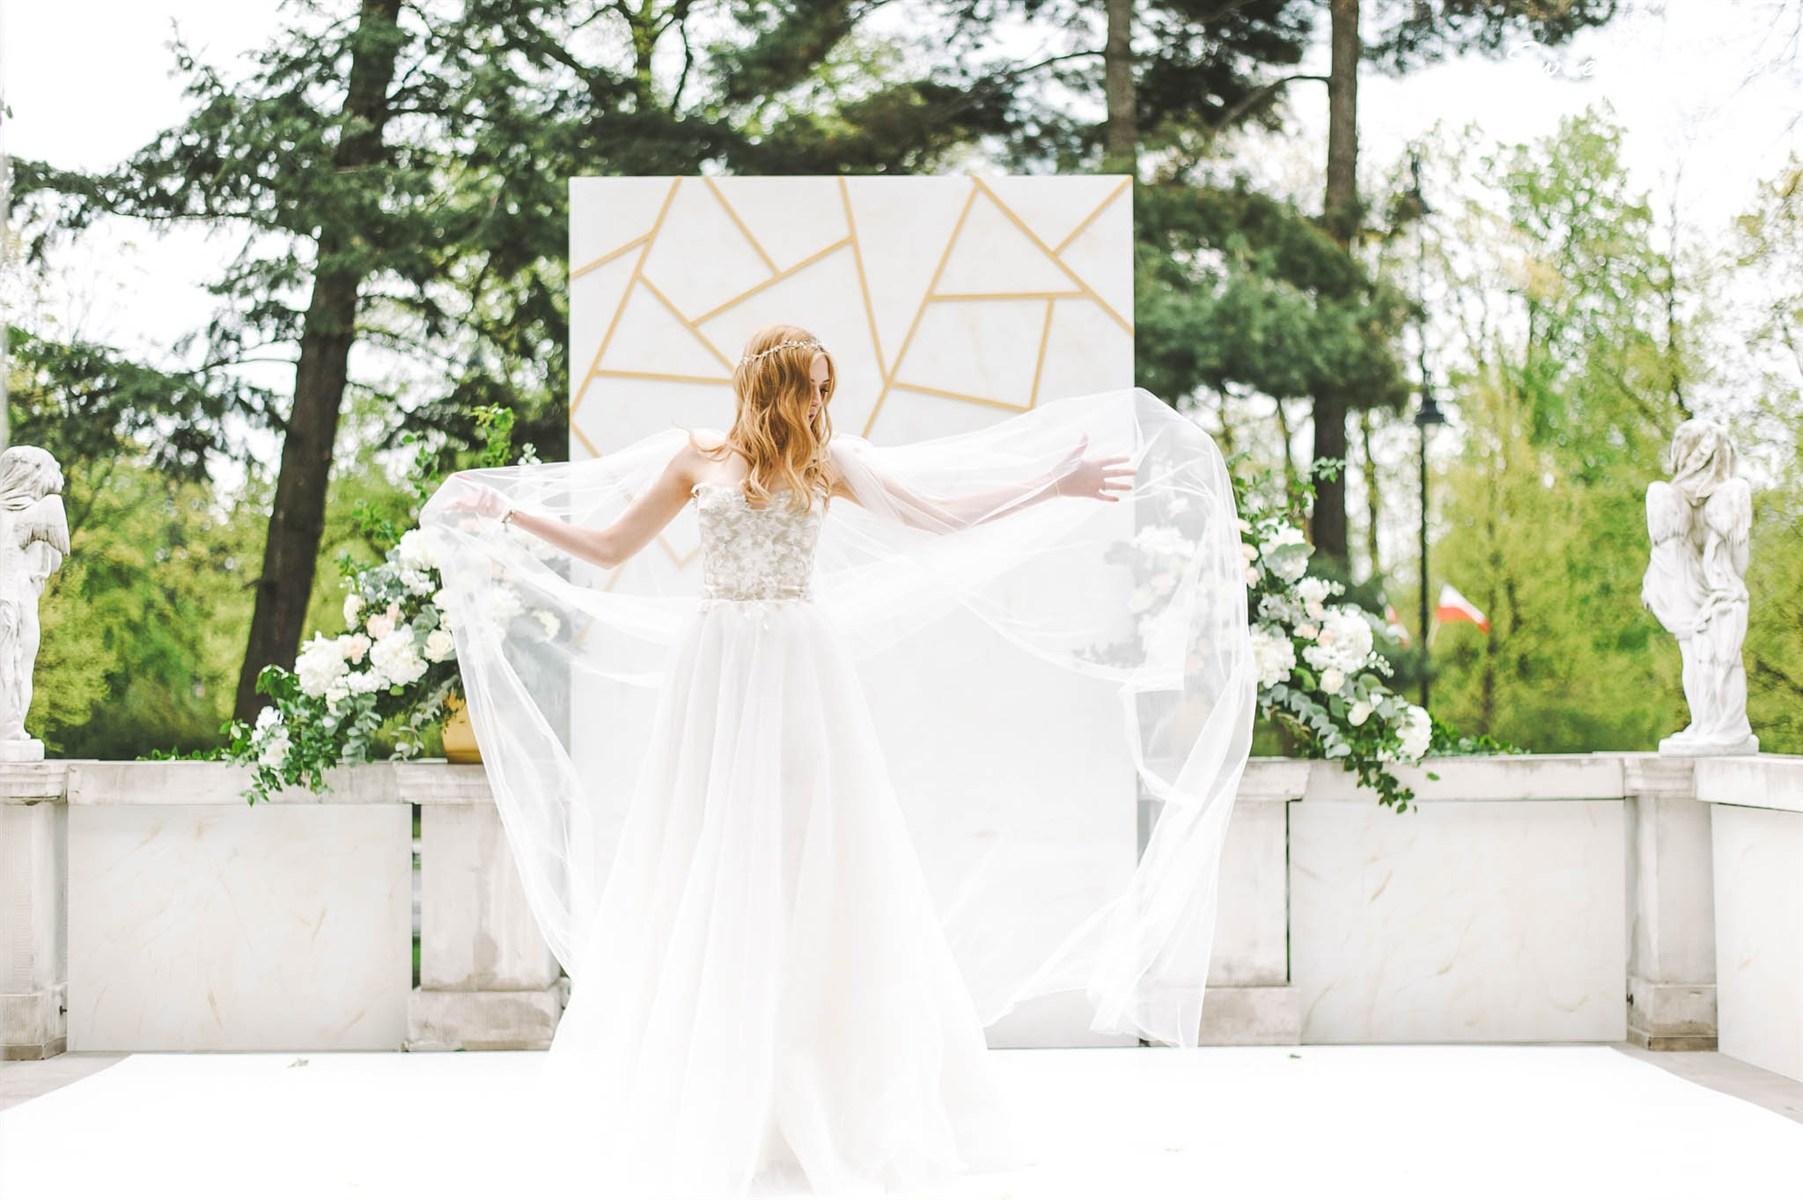 Как настроить свадебный бизнес фотографу